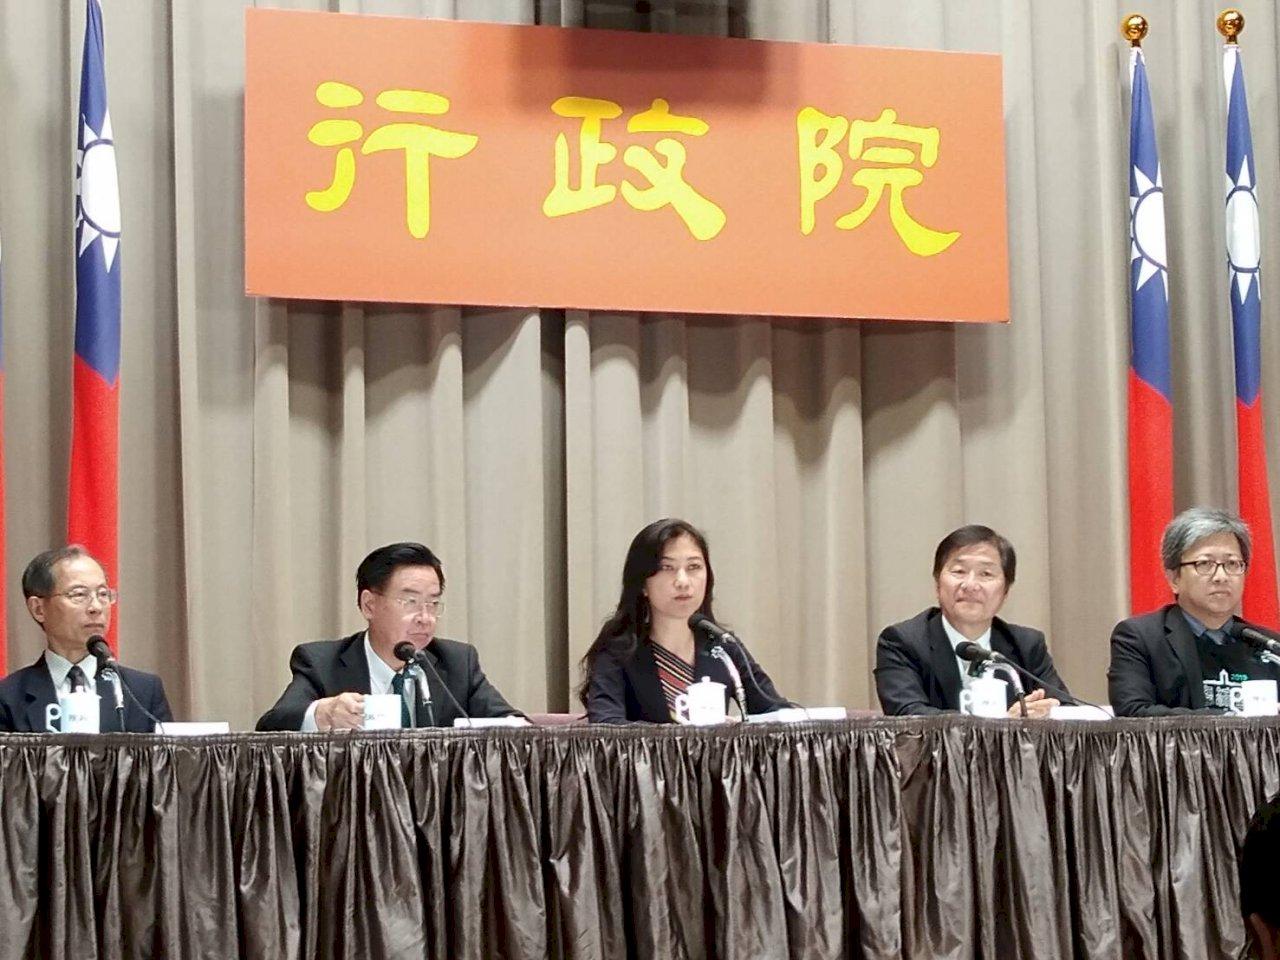 中國停自由行通行證 蘇揆:雞蛋早不放在同一籃子裡